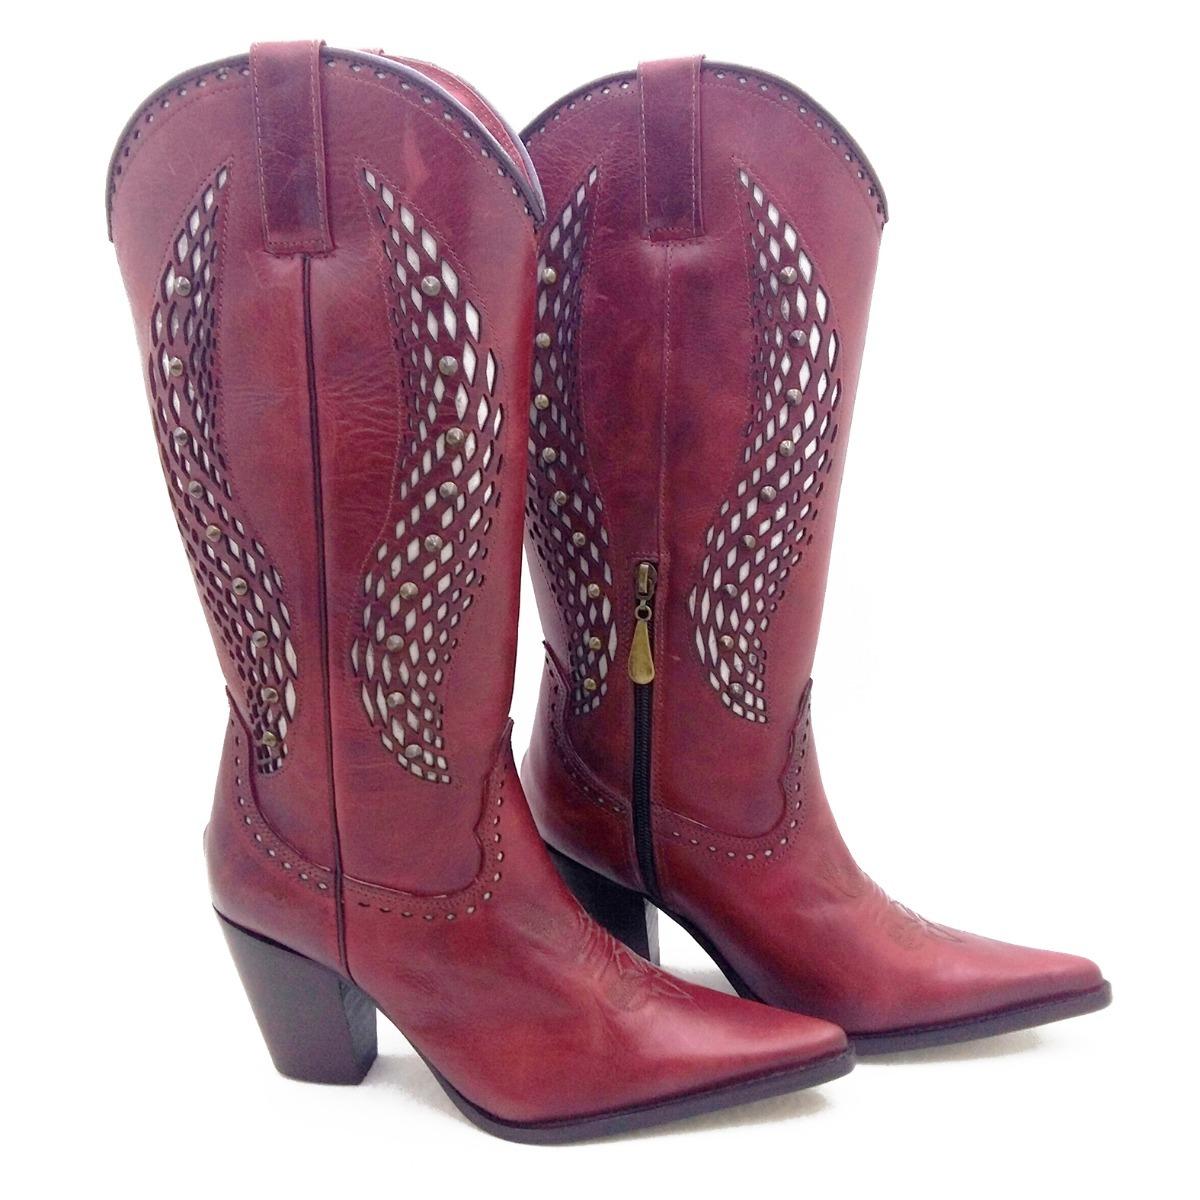 f37eac402ead5 promoção texana bota feminina country linda couro barata. Carregando zoom.